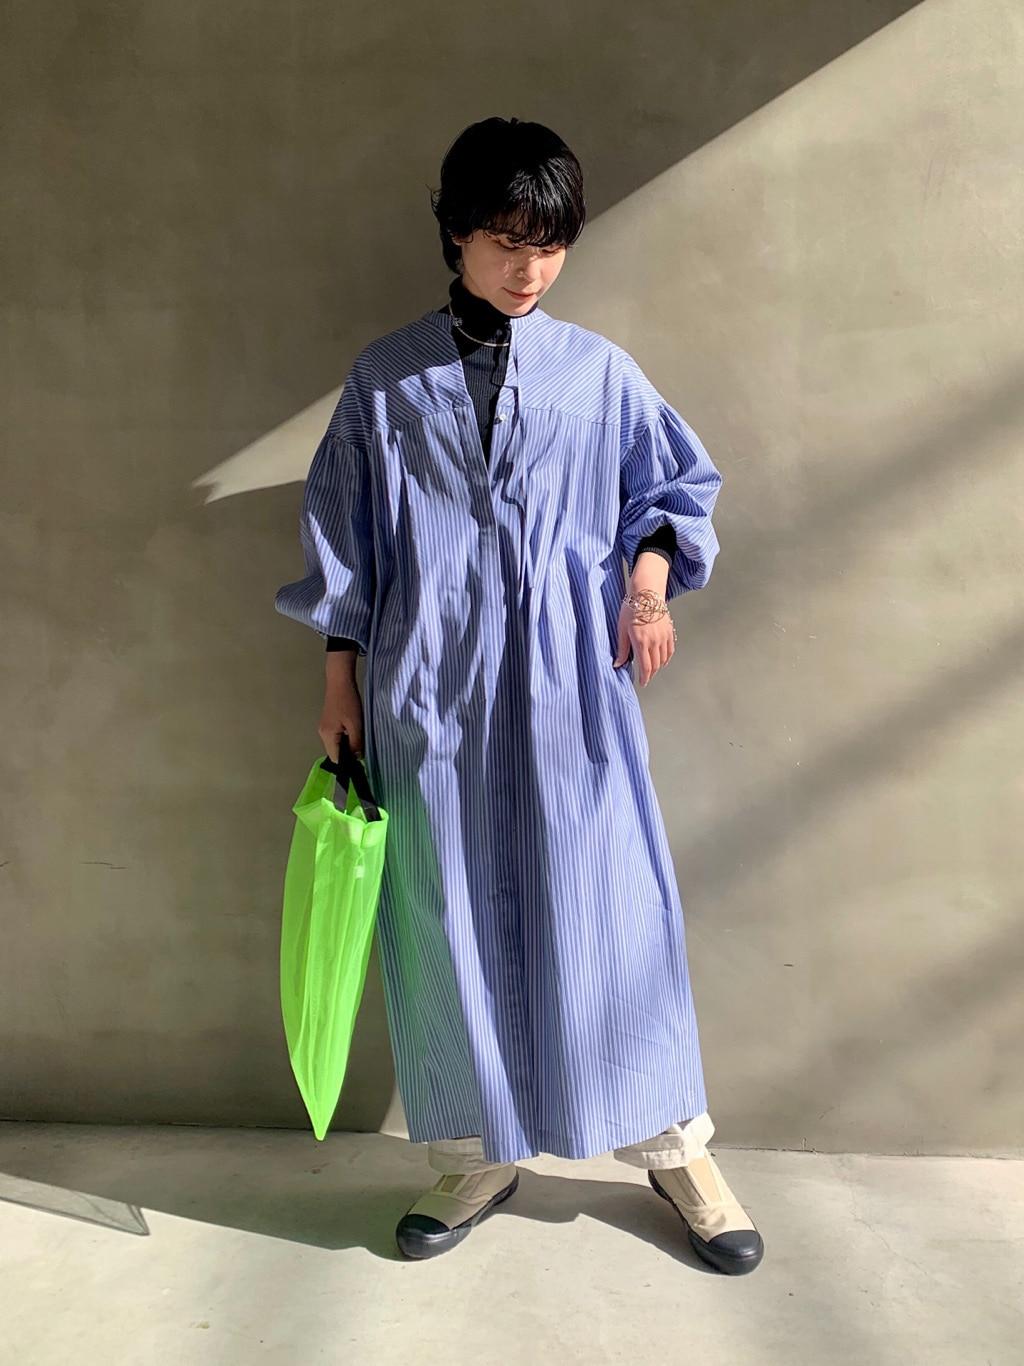 福岡薬院路面 2021.01.05